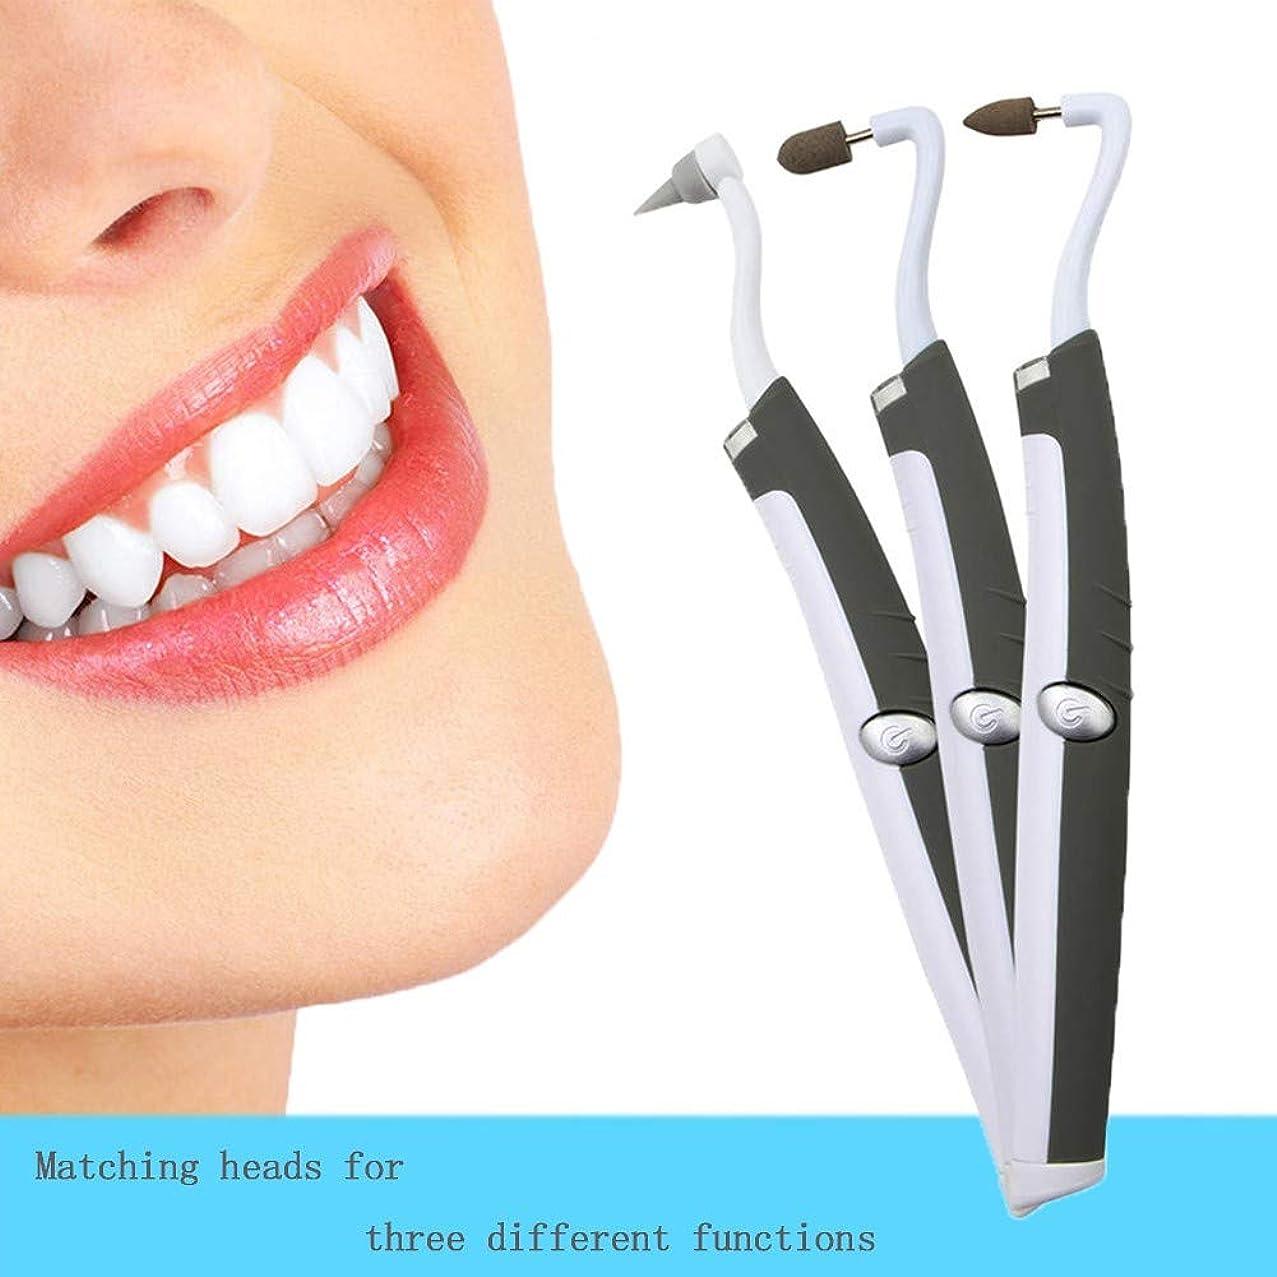 好ましい弁護士フォルダ歯石除去剤-変色を取り除き、歯を白くする歯石除去剤歯石が歯を除去しますポーランドのスリップが歯垢の汚れを防ぎます(3頭)